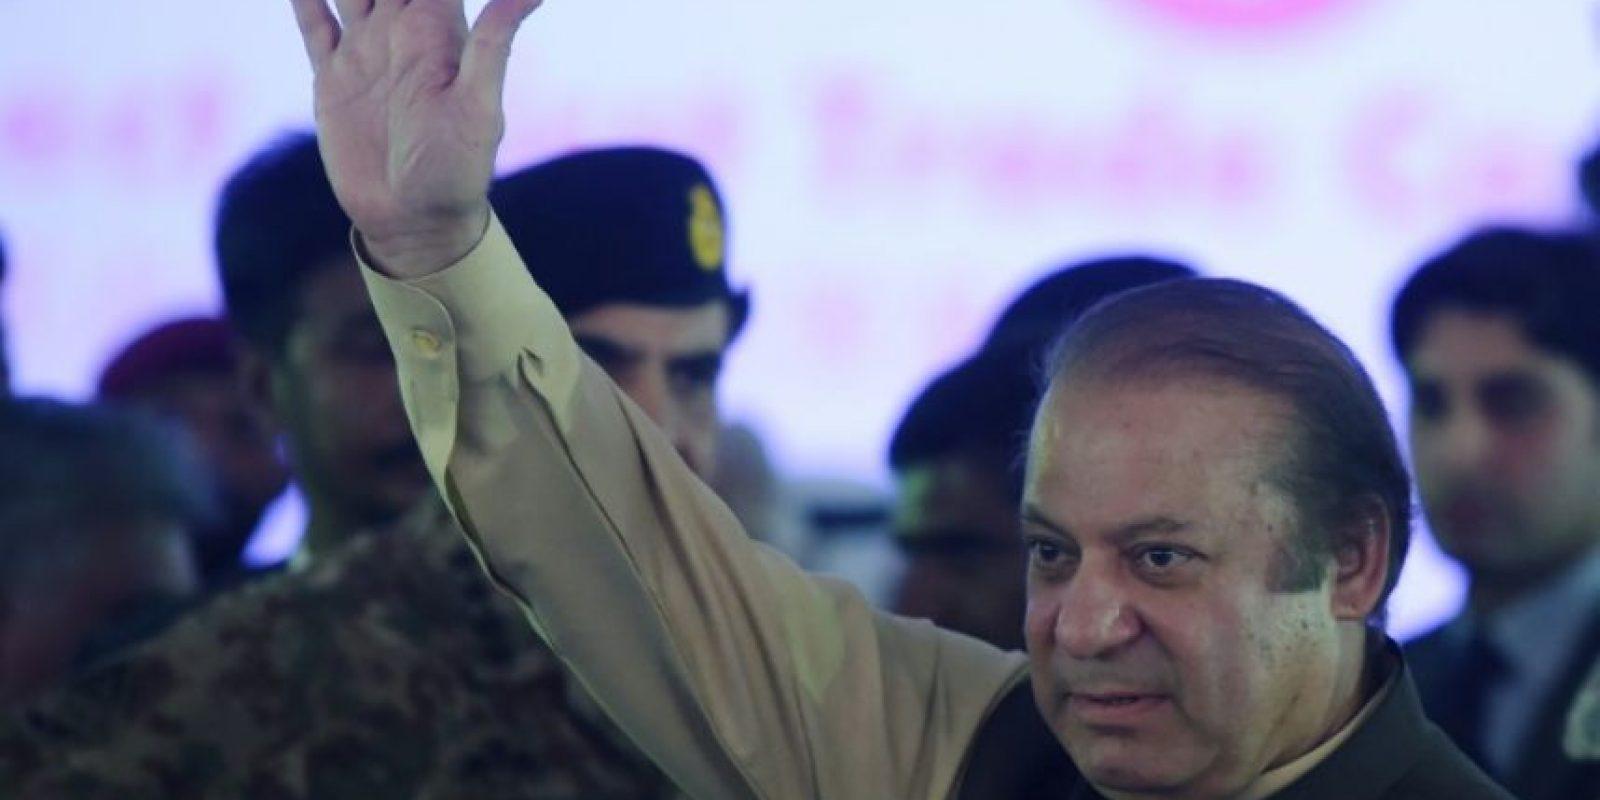 El primer ministro paquistaní, Nawaz Sharif, acude a una ceremonia en el puerto de Gwadar (Pakistán), el 13 de noviembre de 2016 Foto:Aamir Qureshi/afp.com